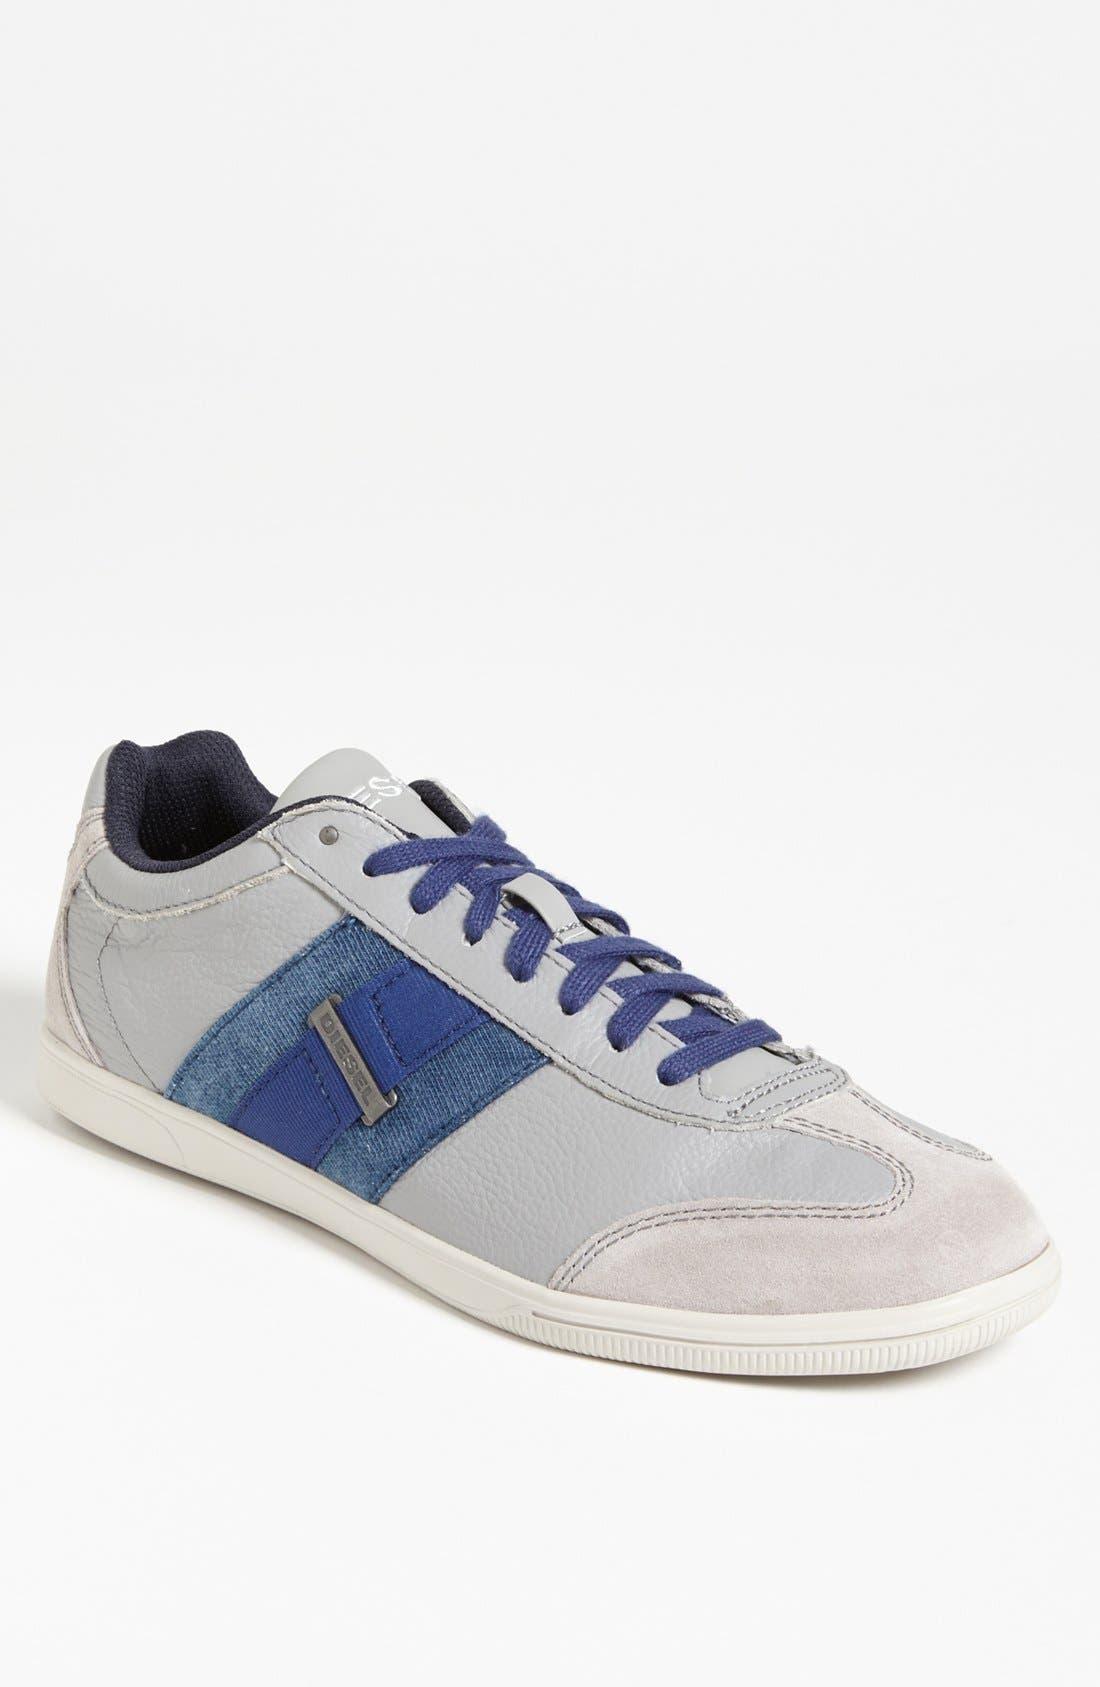 Alternate Image 1 Selected - DIESEL® 'Happy Hours Lounge' Sneaker